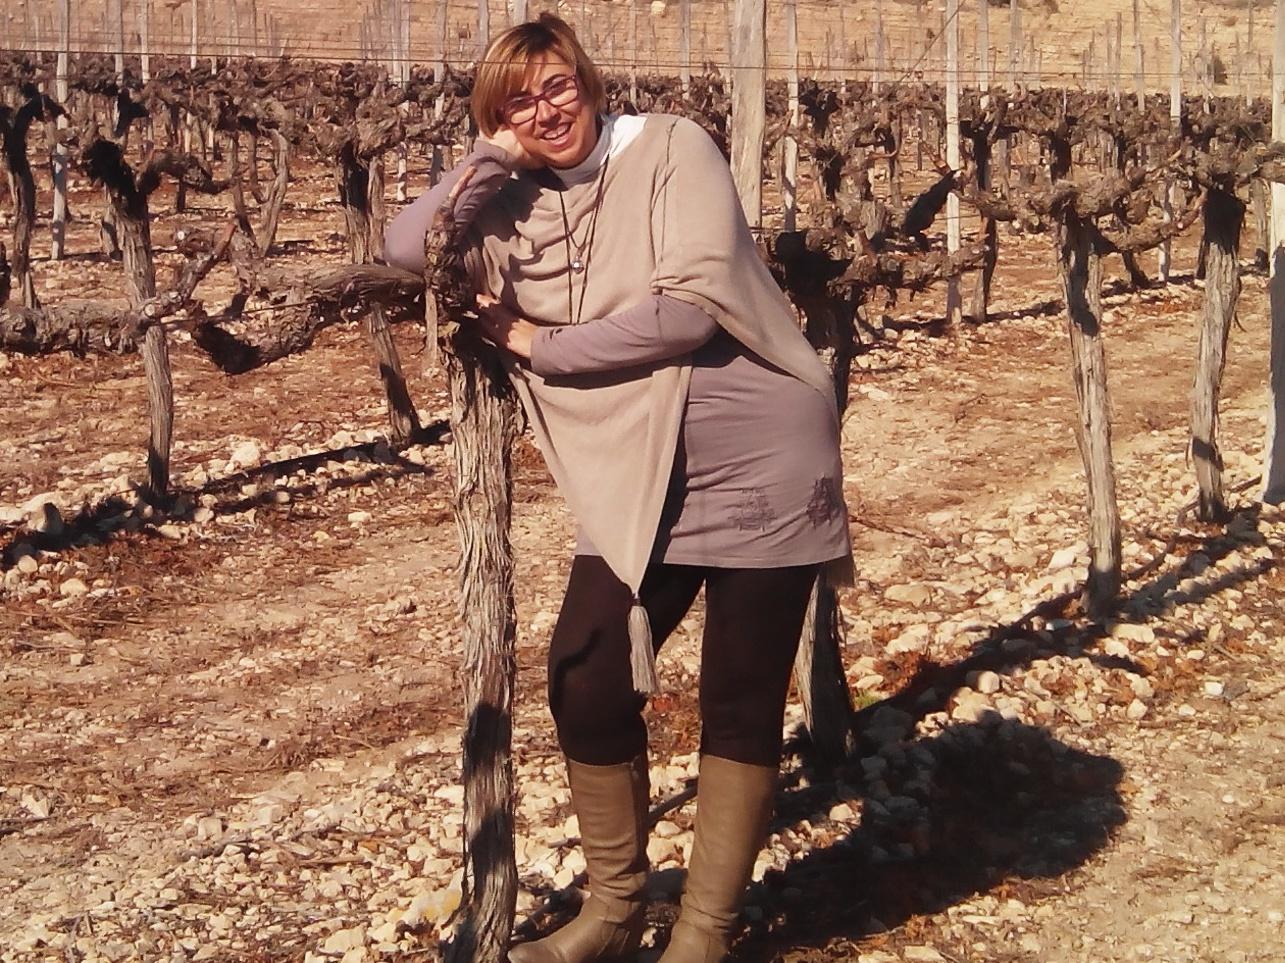 En los viñedos (clika)